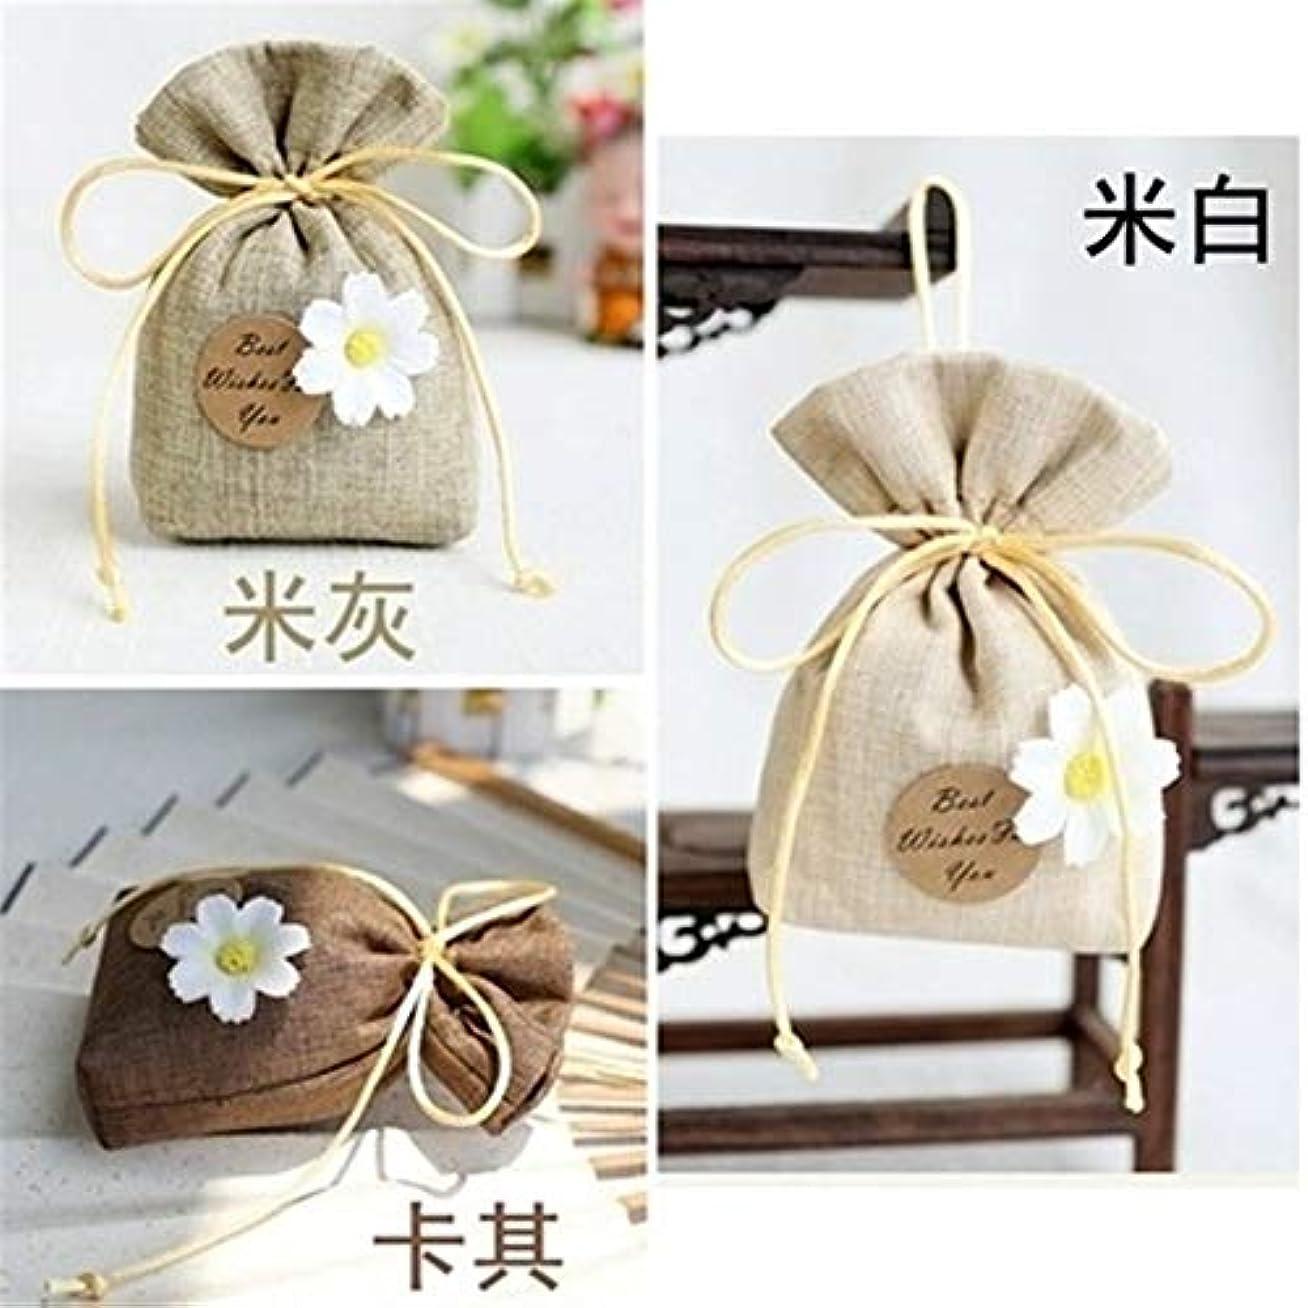 倍増創傷コールGardenia/Clove/Gulongの芳香の芳香の芳香剤の香料入りの磨き粉、ワードローブのための自然な芳香の芳香の芳香袋、車、 (Color : Khaki, Scent Type : Gardenia)